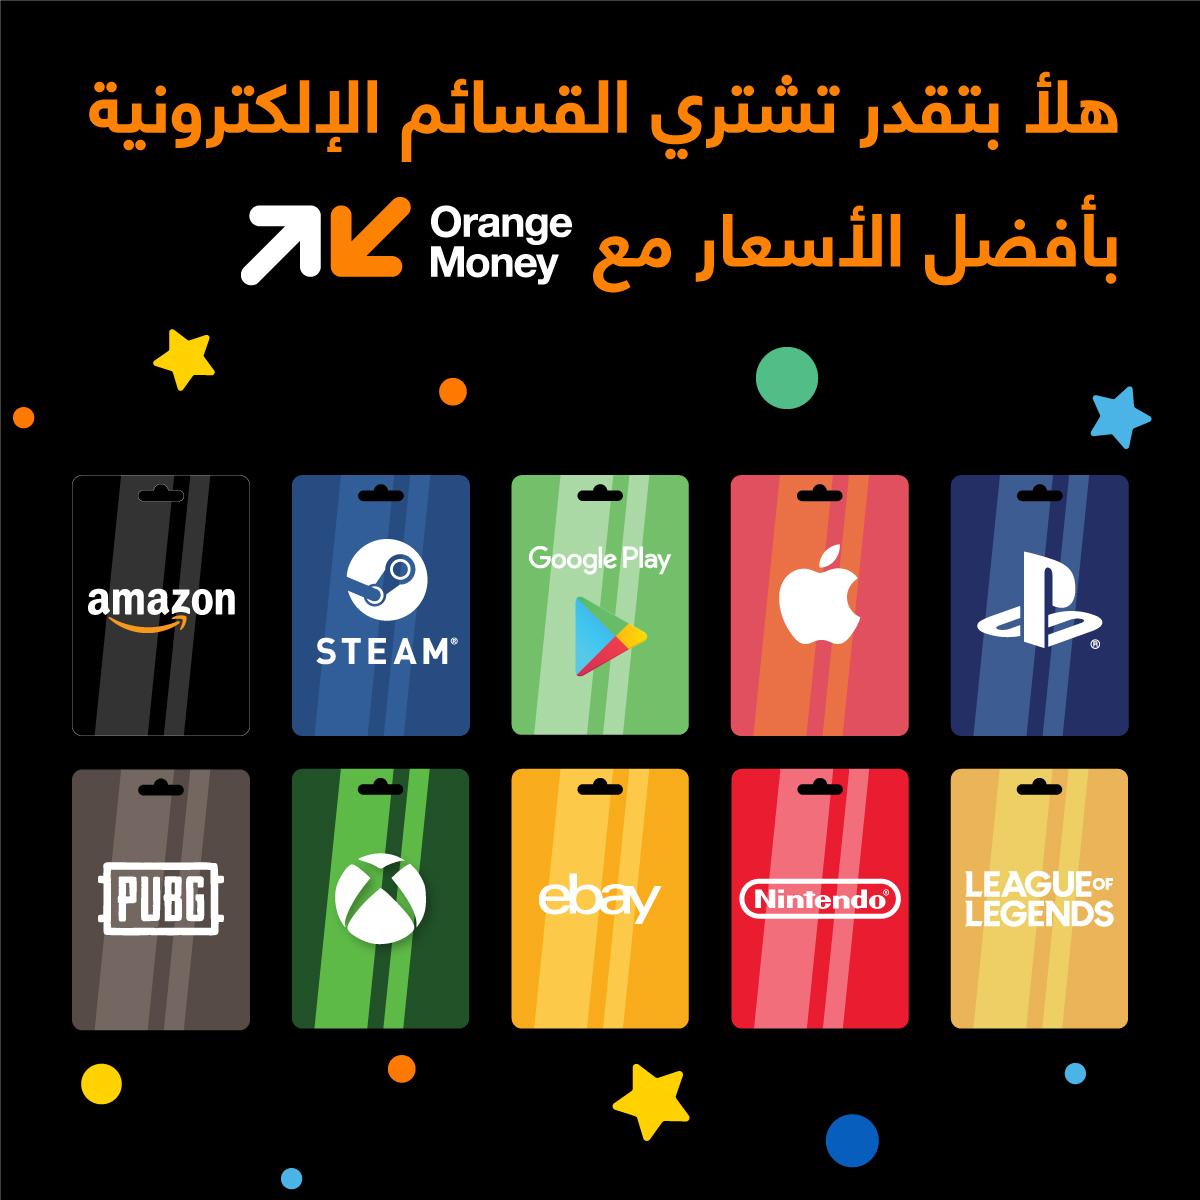 القسائم الإلكترونية ..  إضافة جديدة لخدمات Orange Money